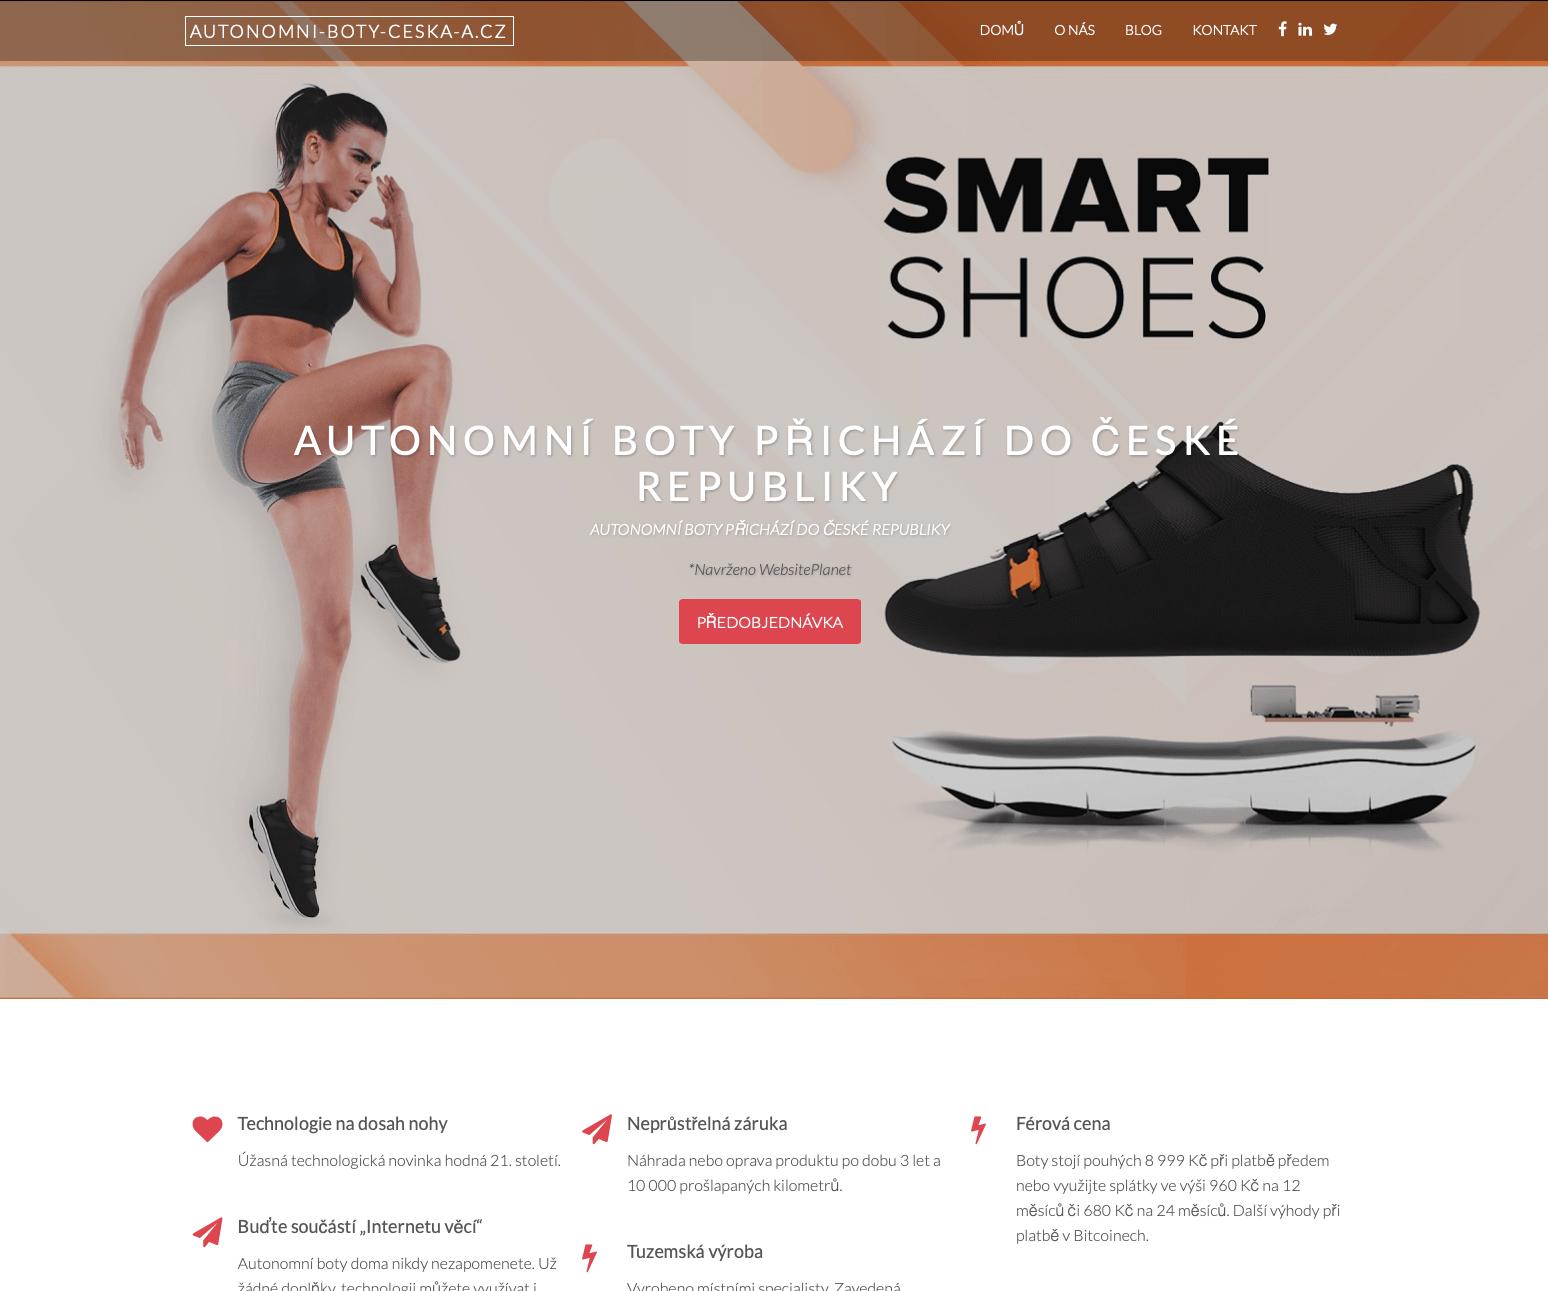 Autonomní boty